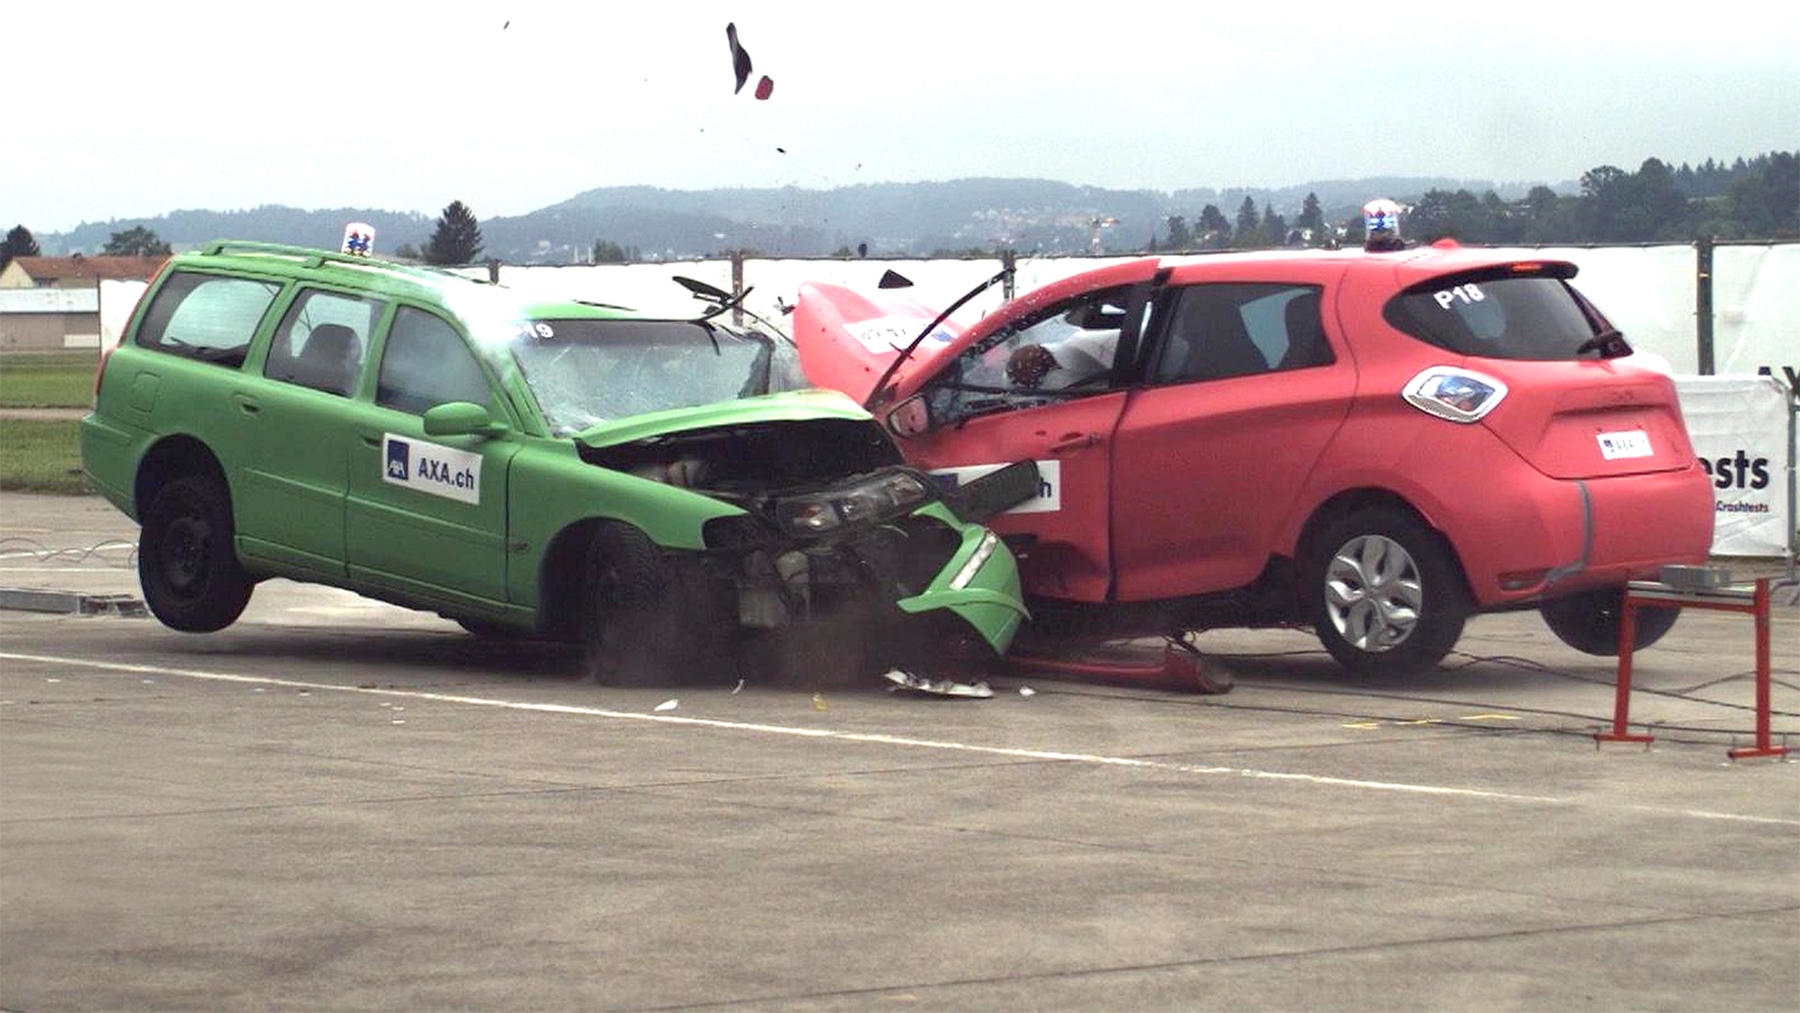 Thema heute u.a.: E-Auto Crashtest